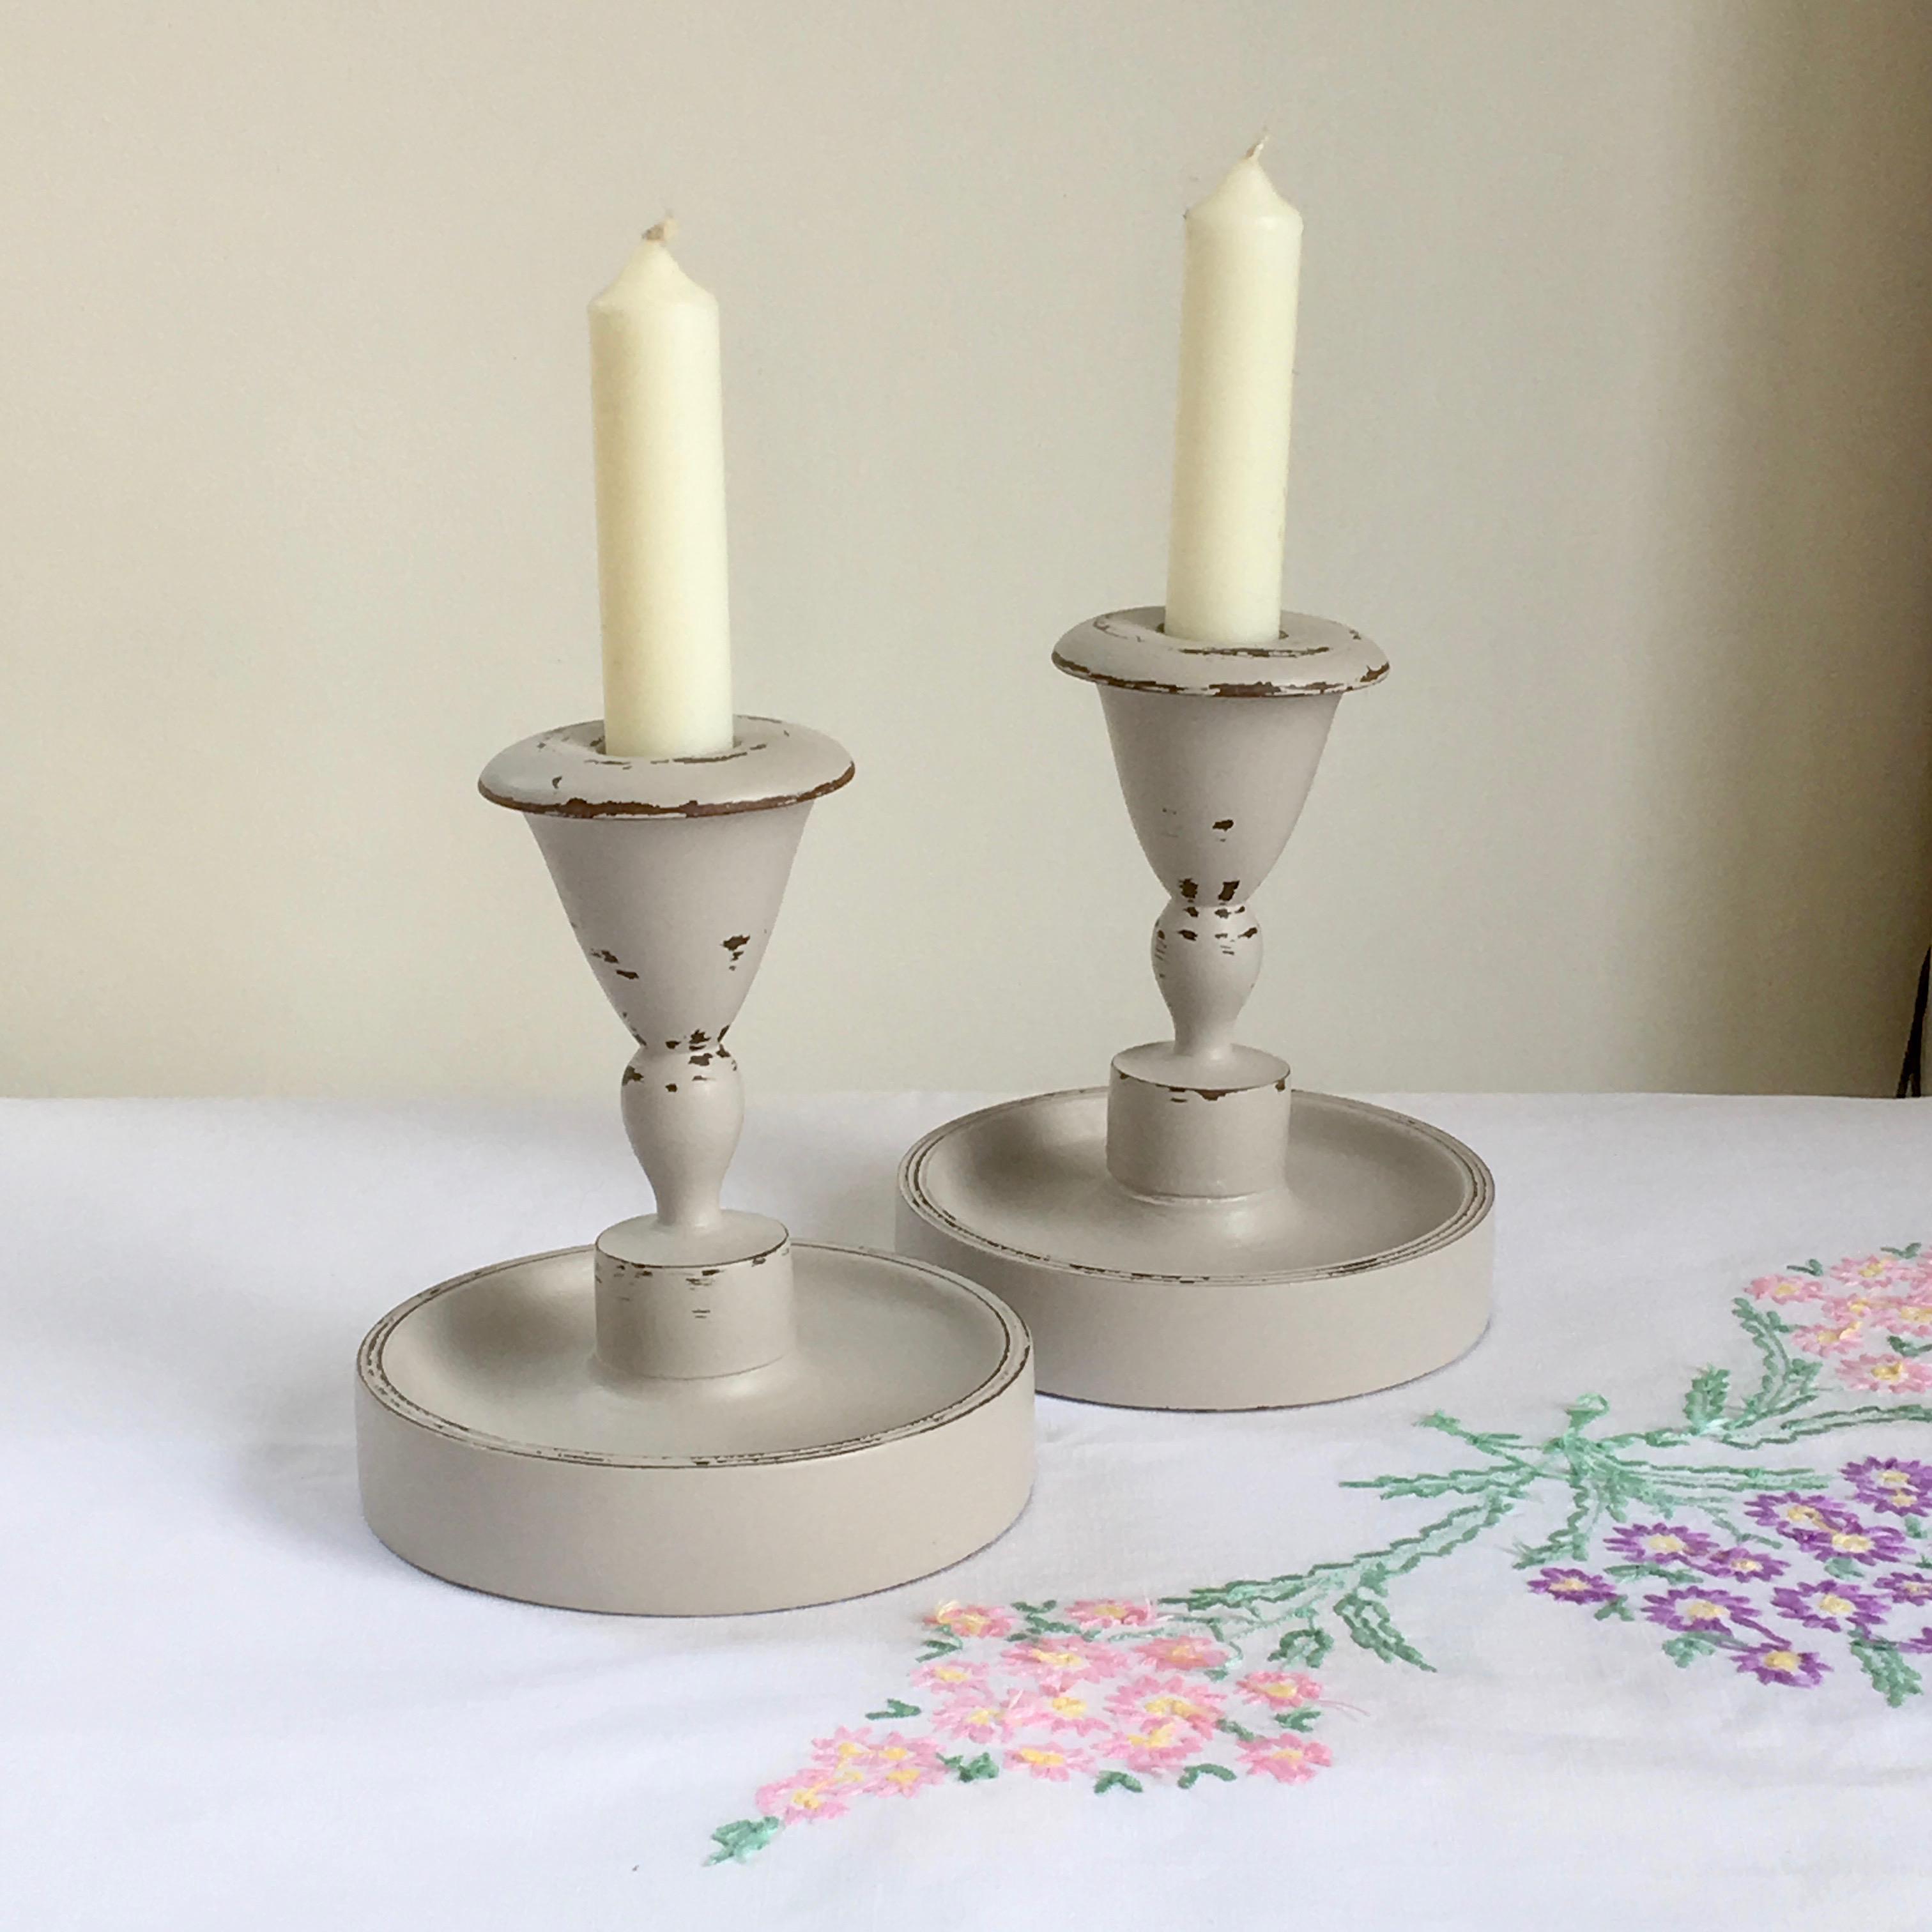 Pair of Antique Art Deco Candlesticks